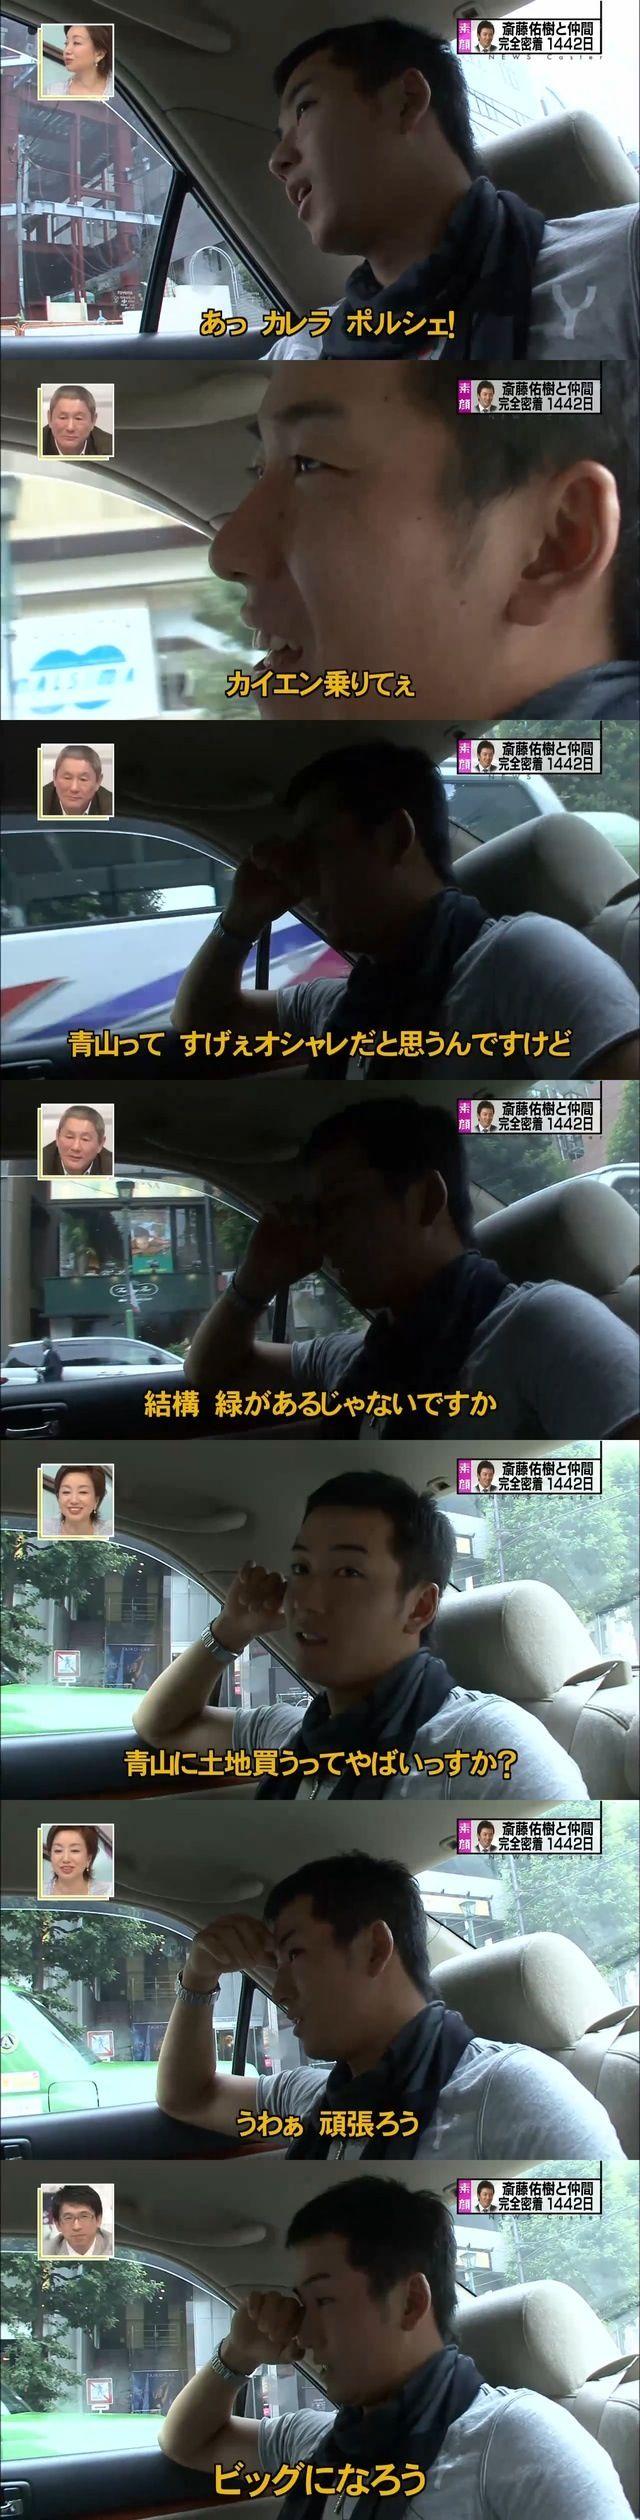 https://livedoor.blogimg.jp/saito234-affili4/imgs/8/d/8d419645.jpg